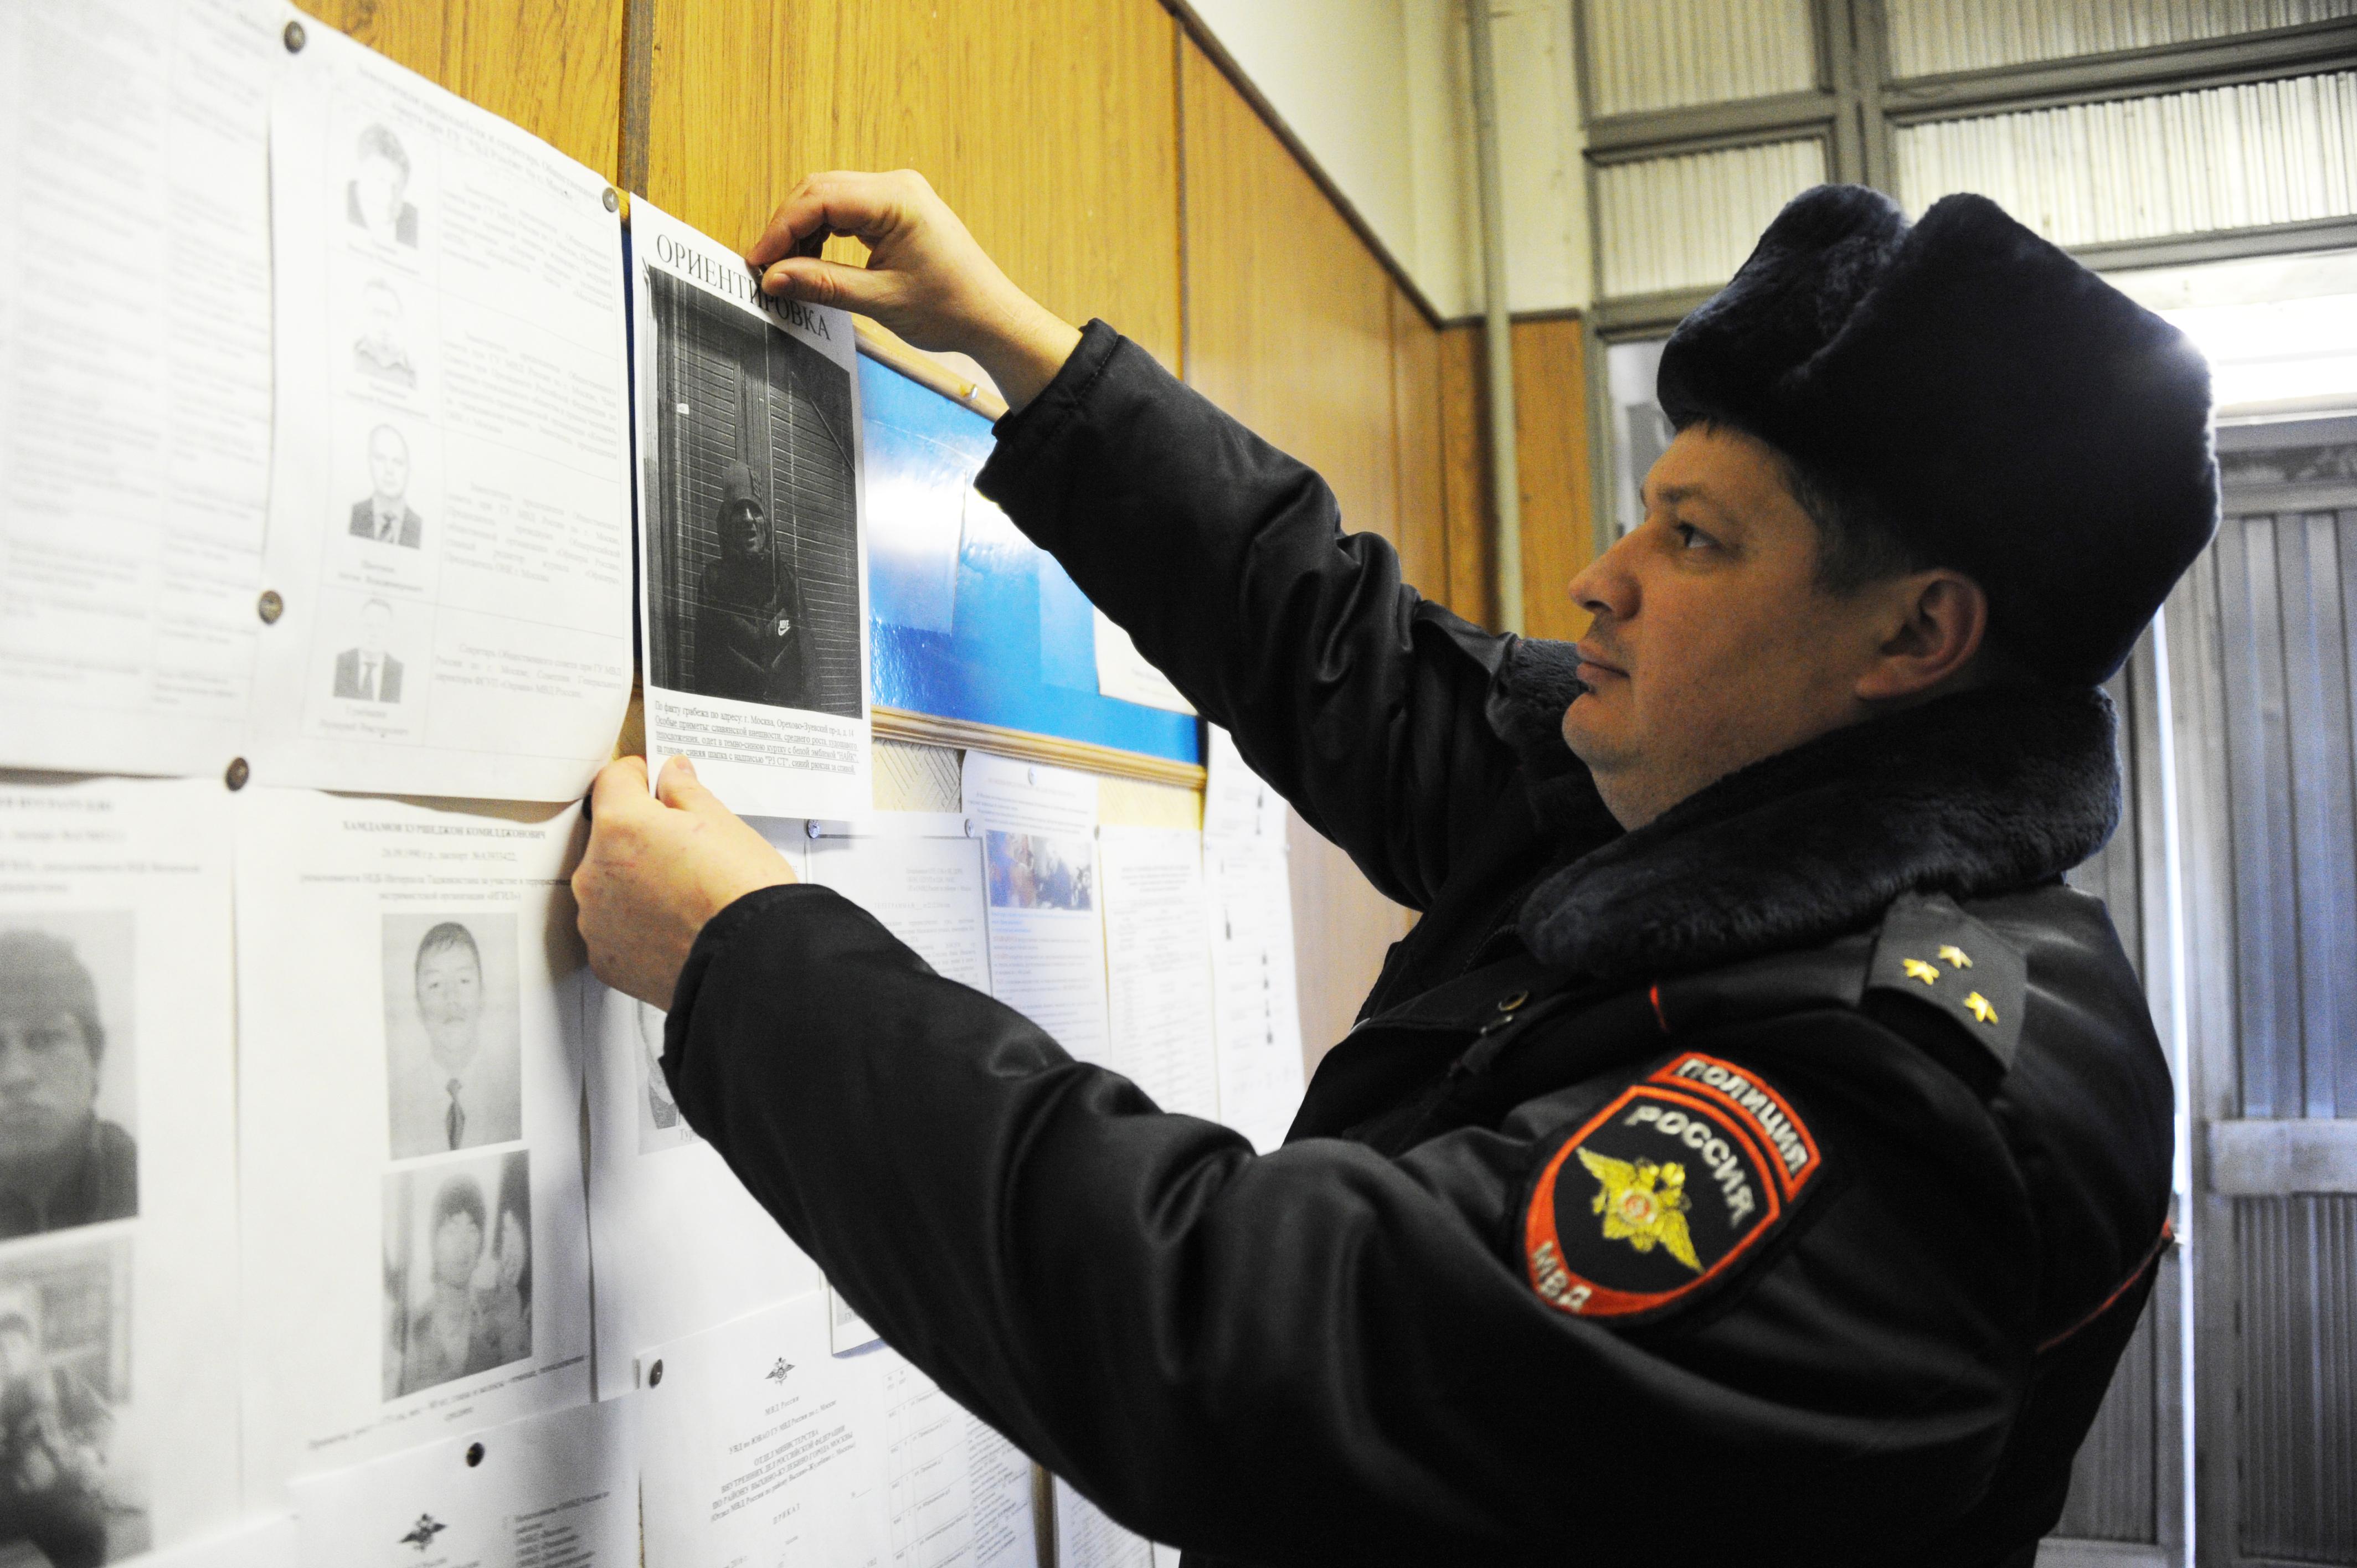 Оперативники Новой Москвы задержали подозреваемого в краже. Фото: Светлана Колоскова, «Вечерняя Москва»